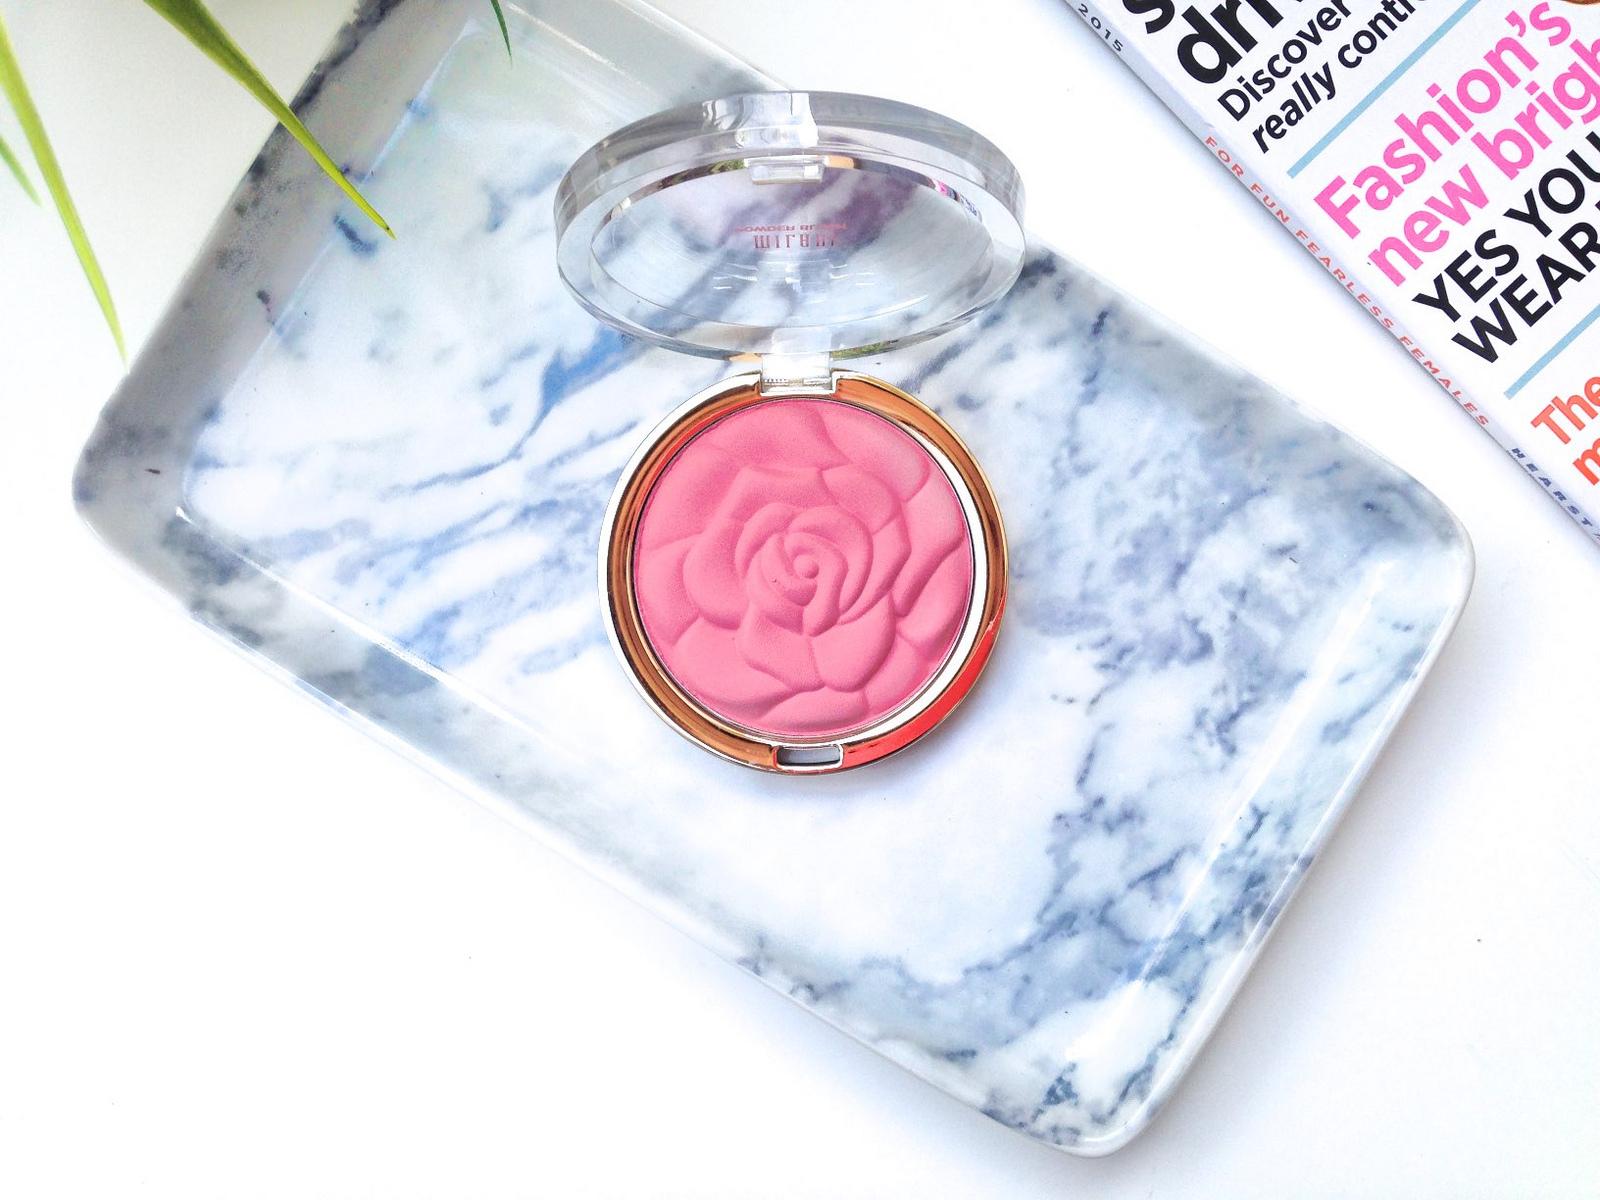 Milani Rose Powder Blush in Tea Rose Review